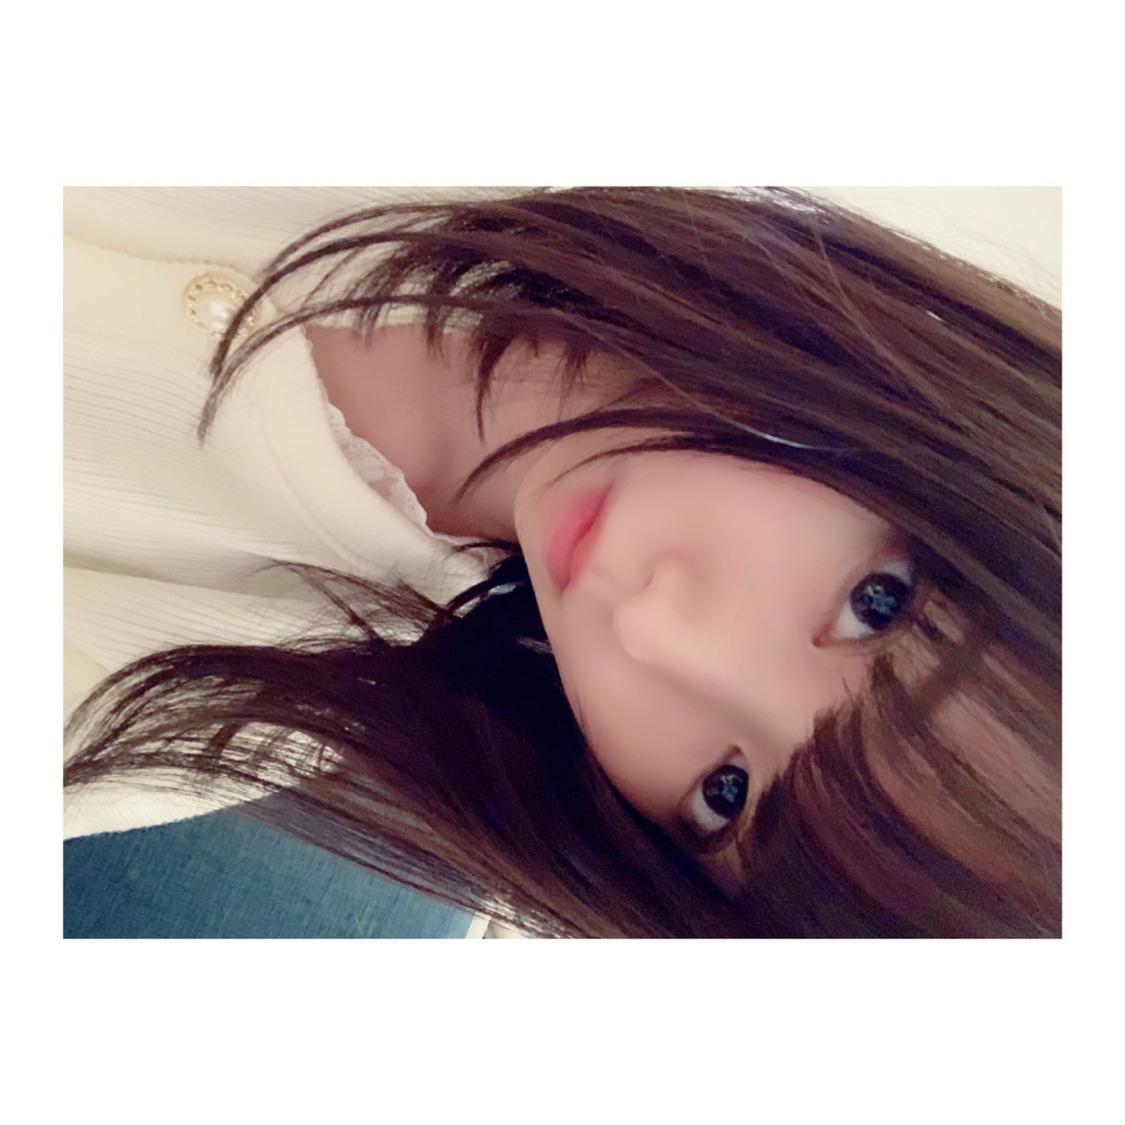 元欅坂46 今泉佑唯、『有吉くんの正直さんぽ』出演に反響「嬉しすぎて涙でた」「笑ってる顔見れるの幸せ!」